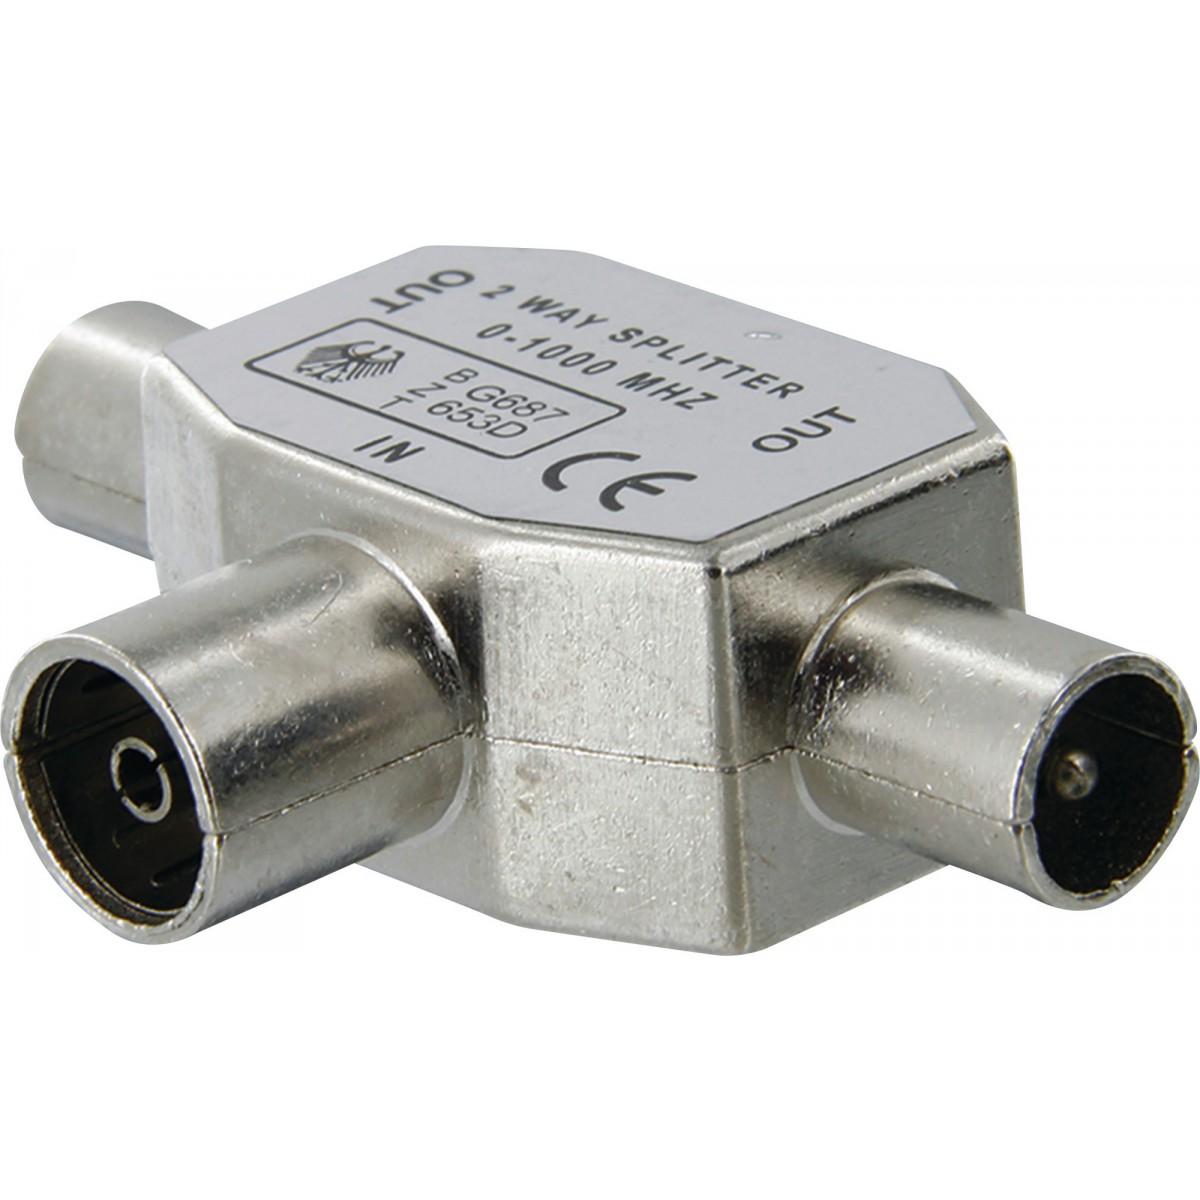 Repartiteur TV blindé diamètre 9,52 mm Dhome - 2 mâles / 1 femelle - Diamètre 9,52 mm